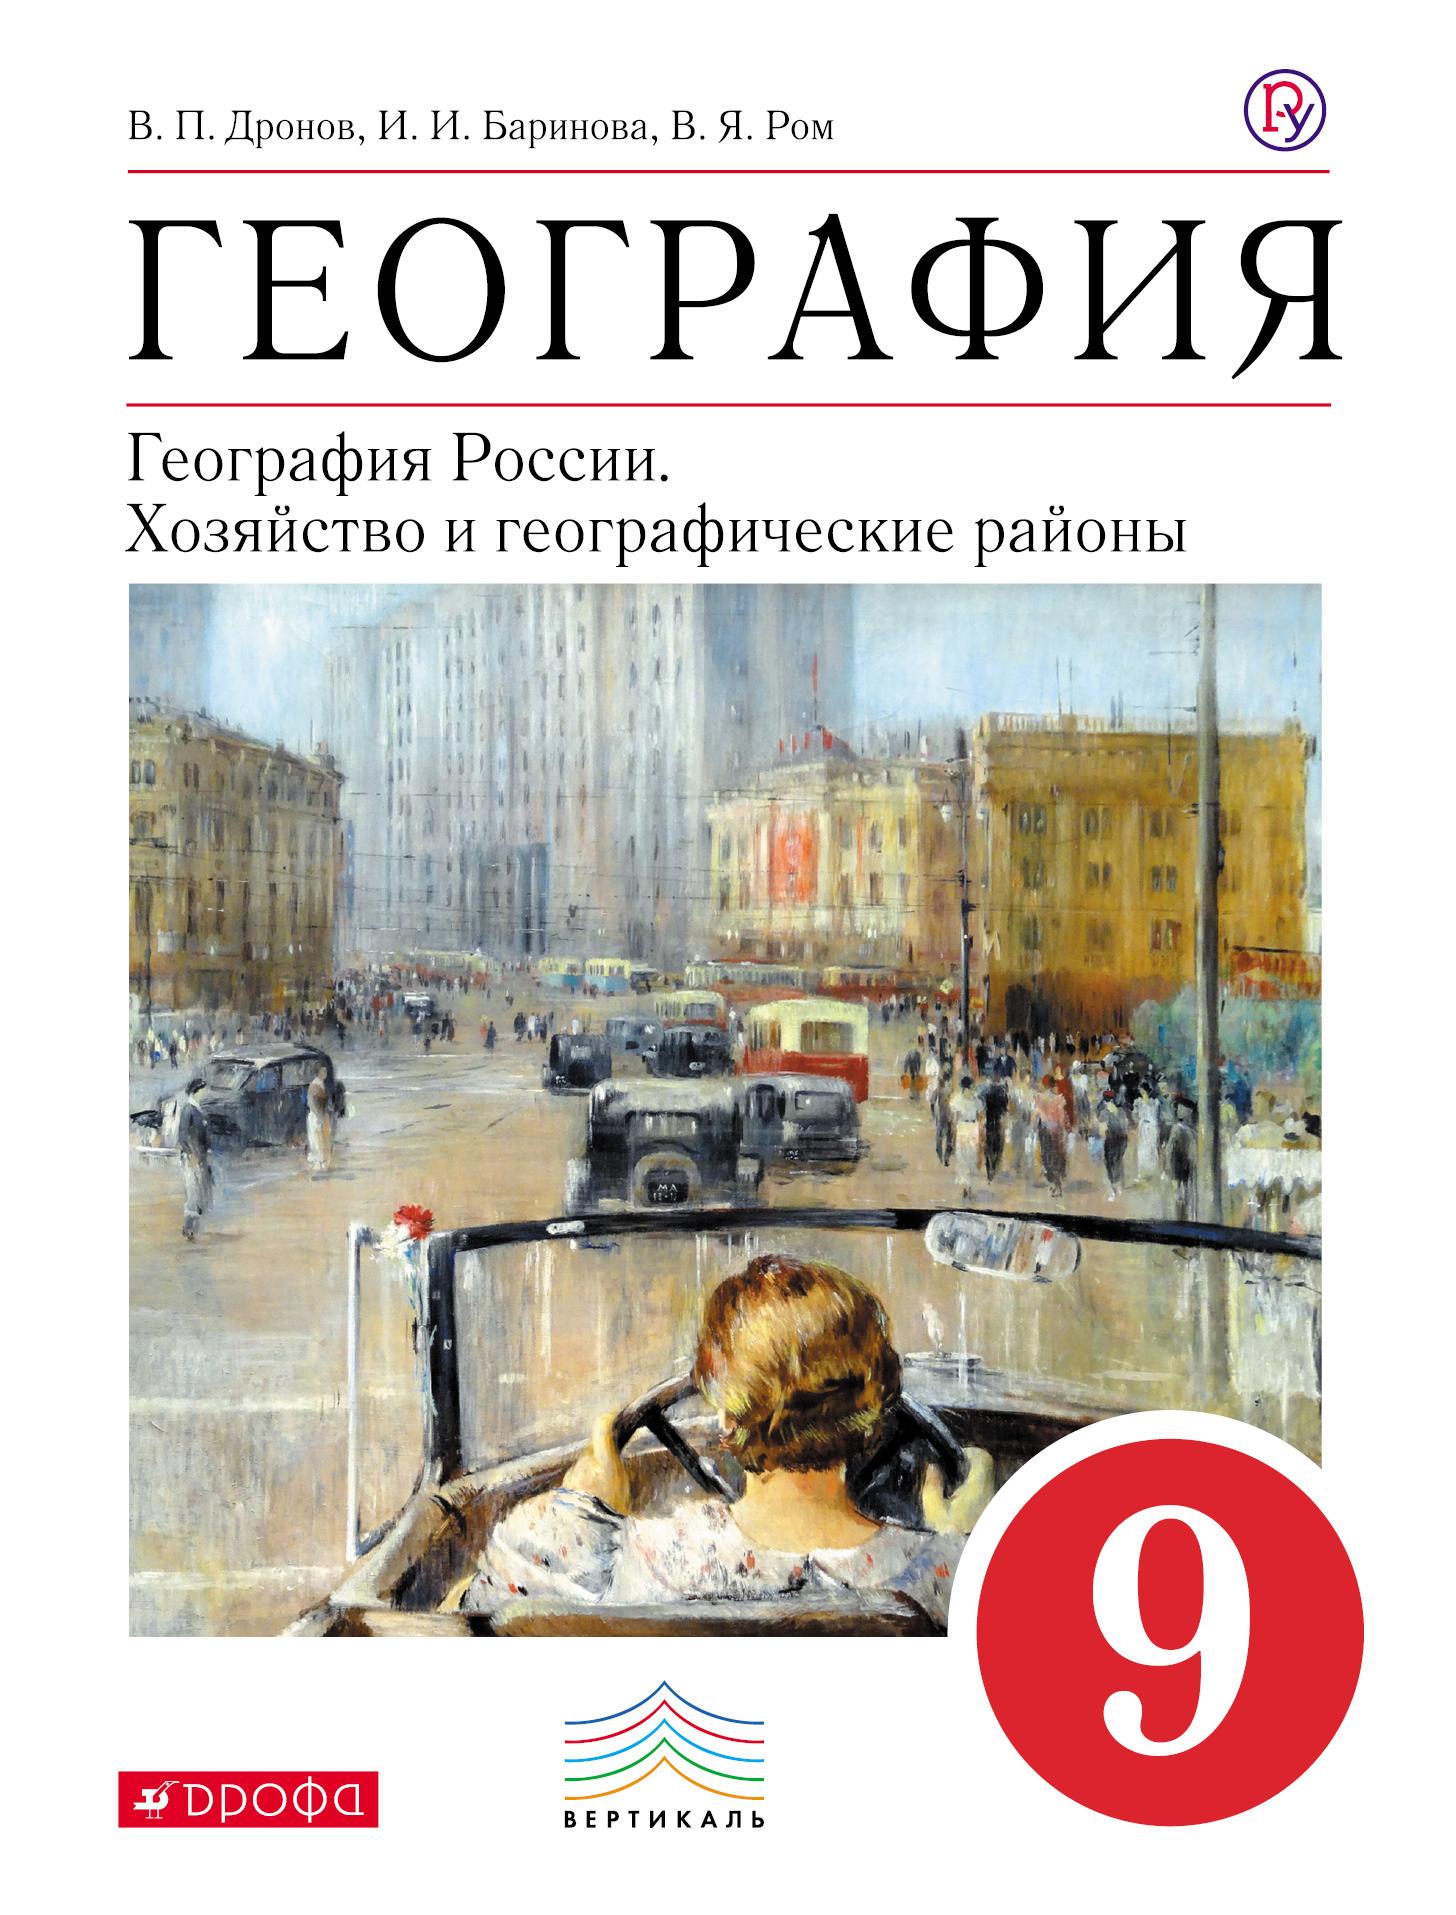 Коспект к учебнику география россии 9 класс дронов